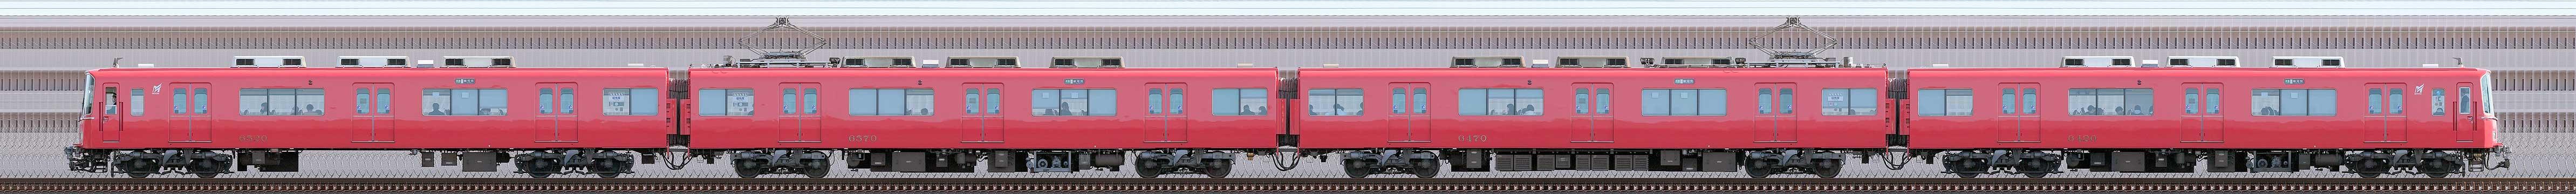 名鉄6500系(6次車)6520編成(海側)の編成サイドビュー